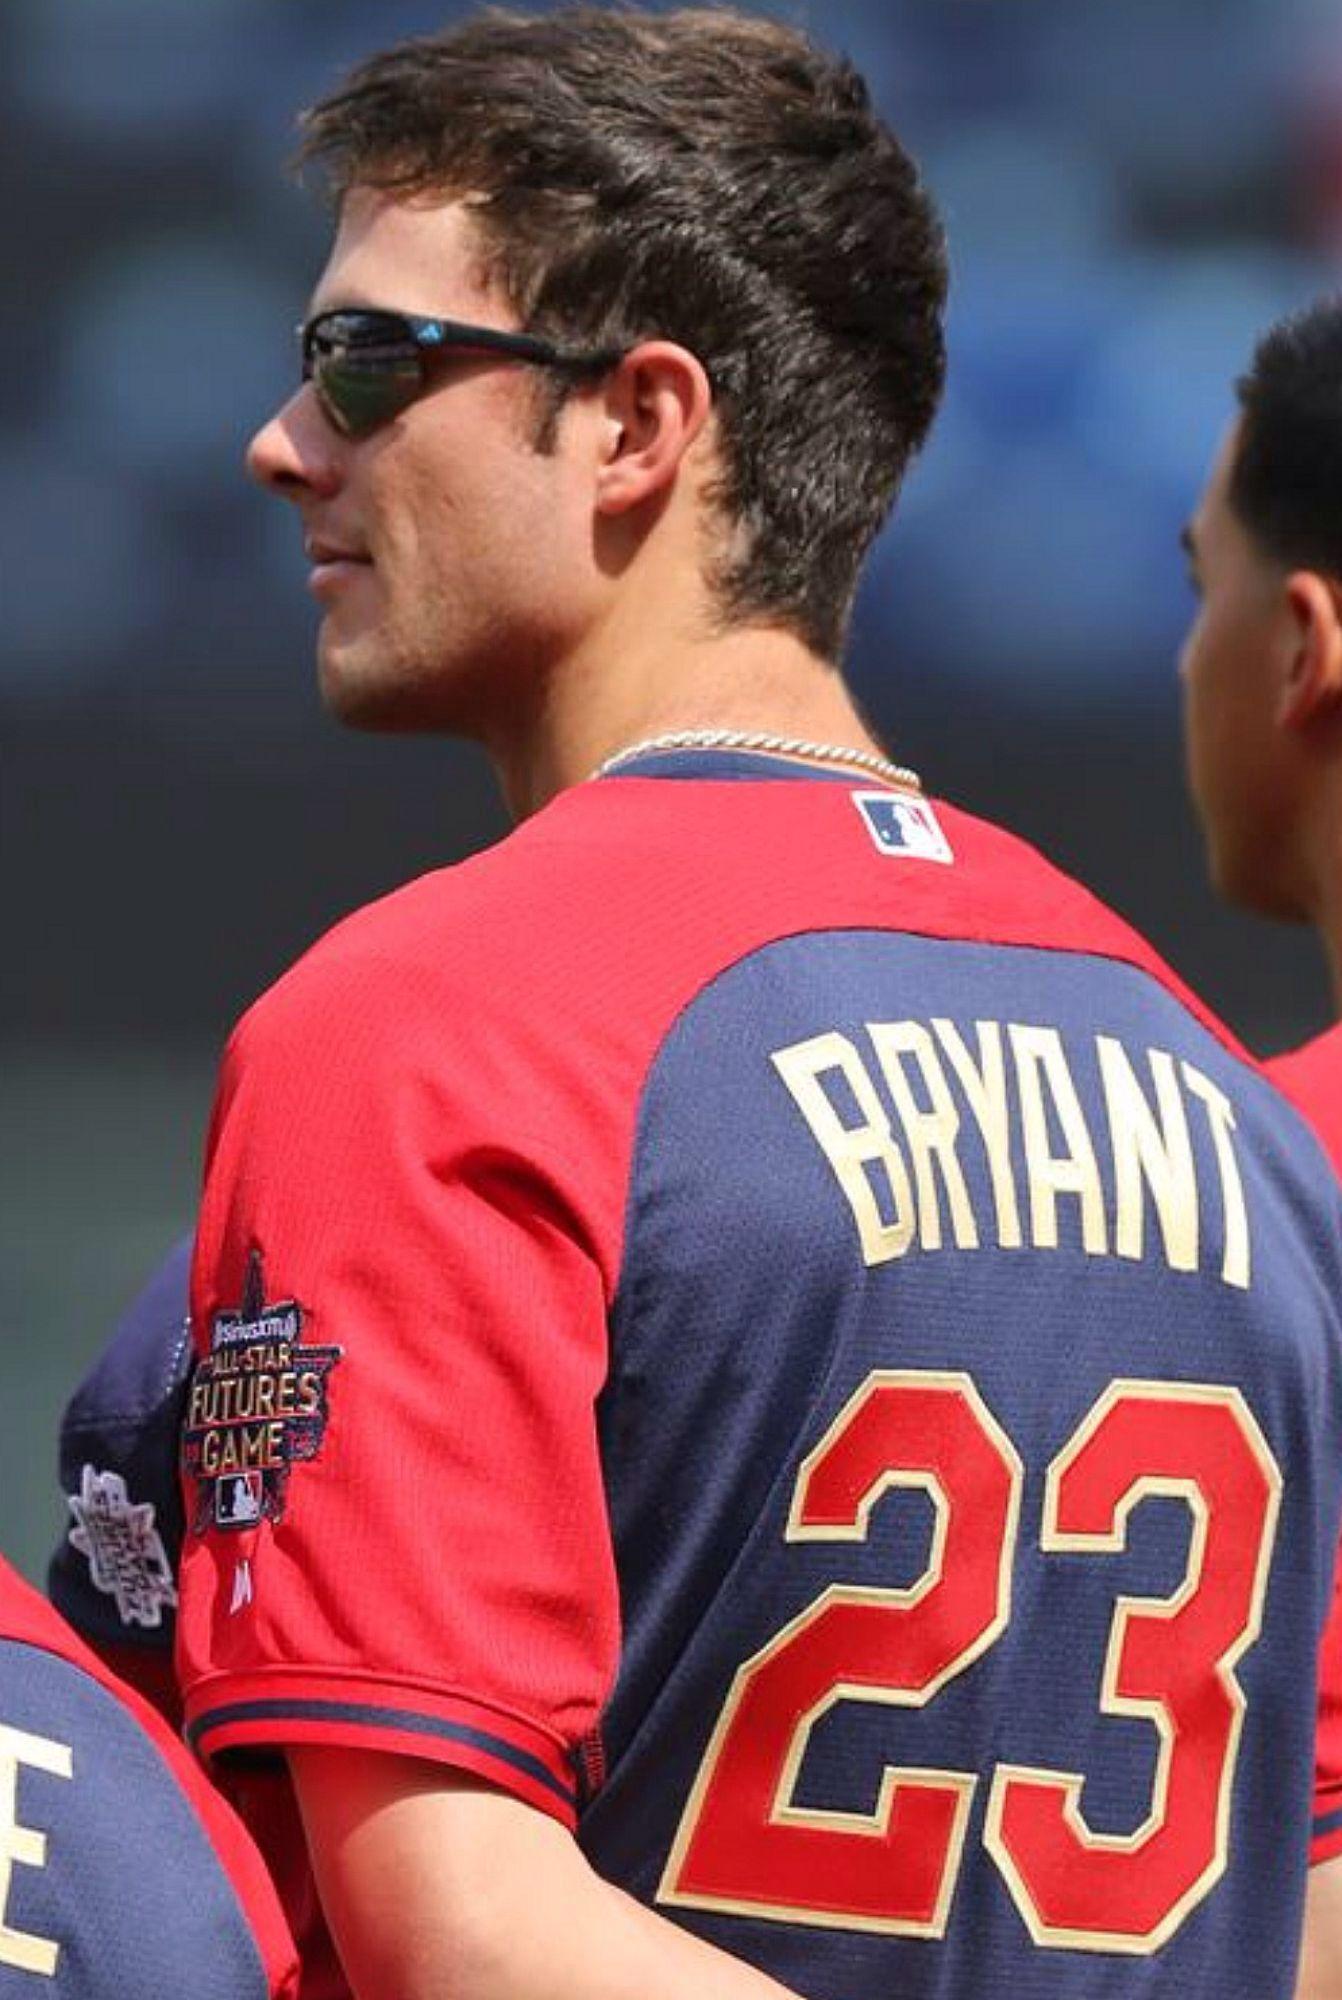 Kris Bryant - 2014 Futures Game